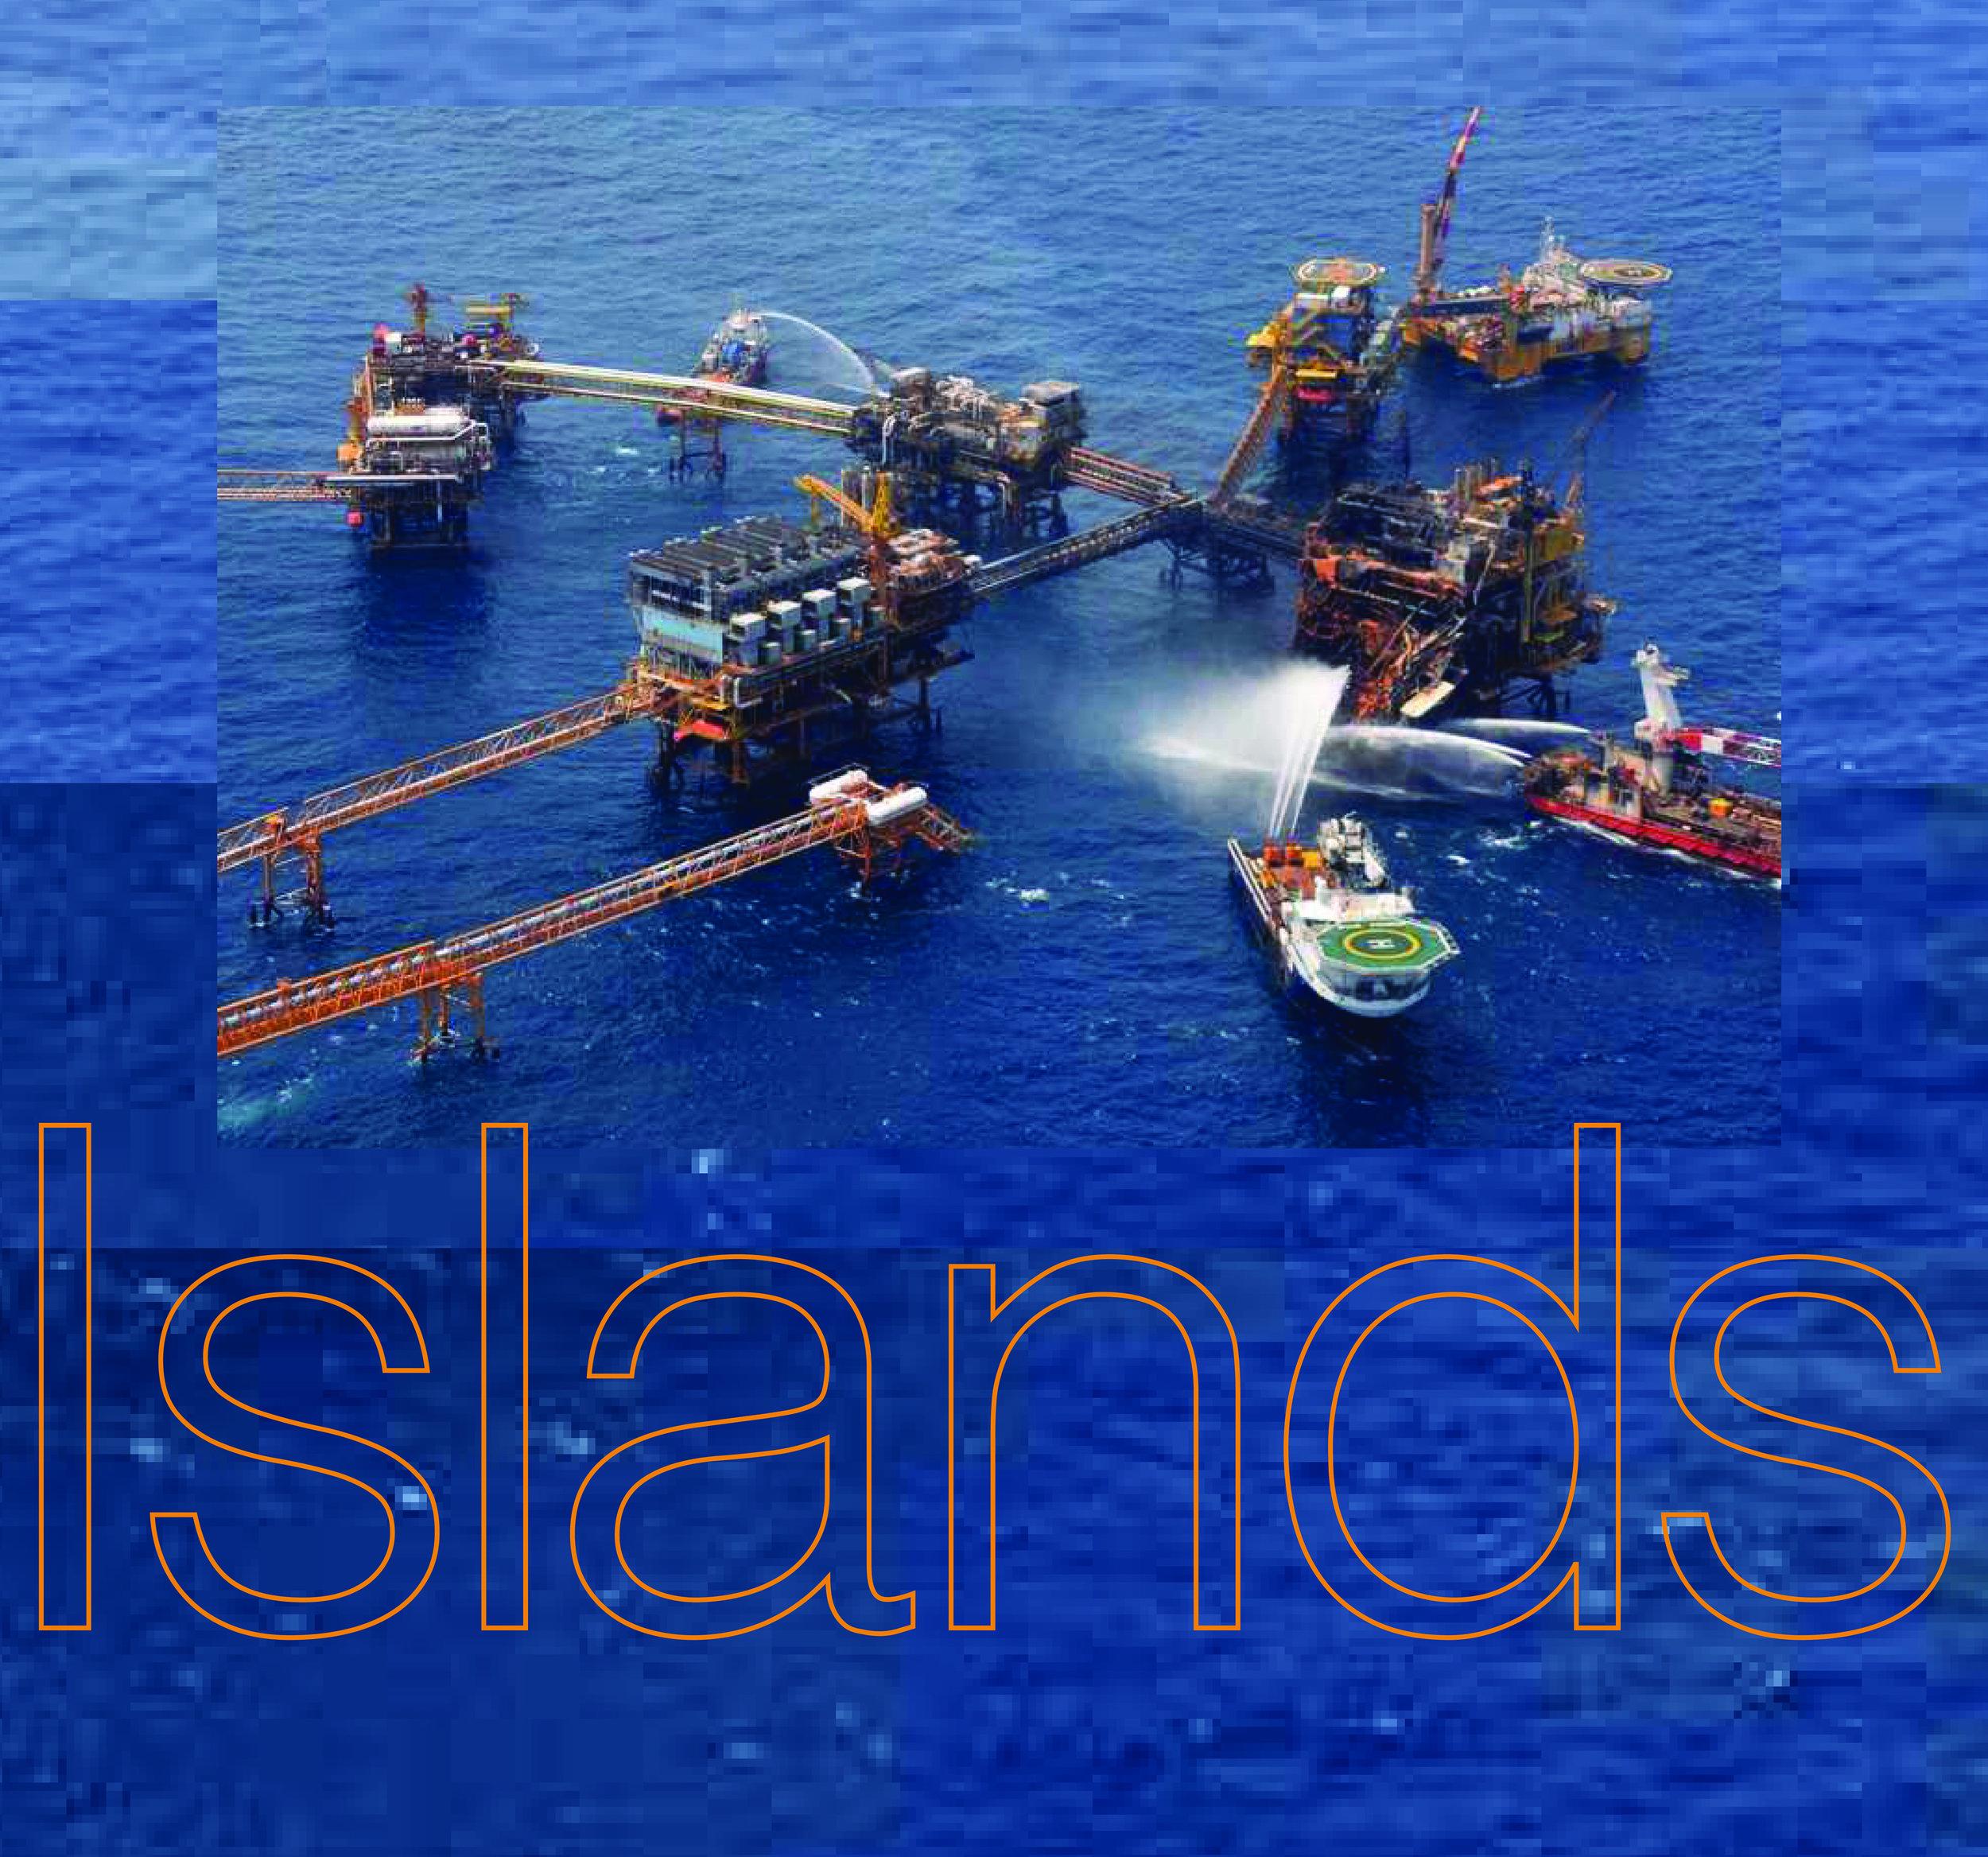 Islands_Poster_JosephineBaker.jpg